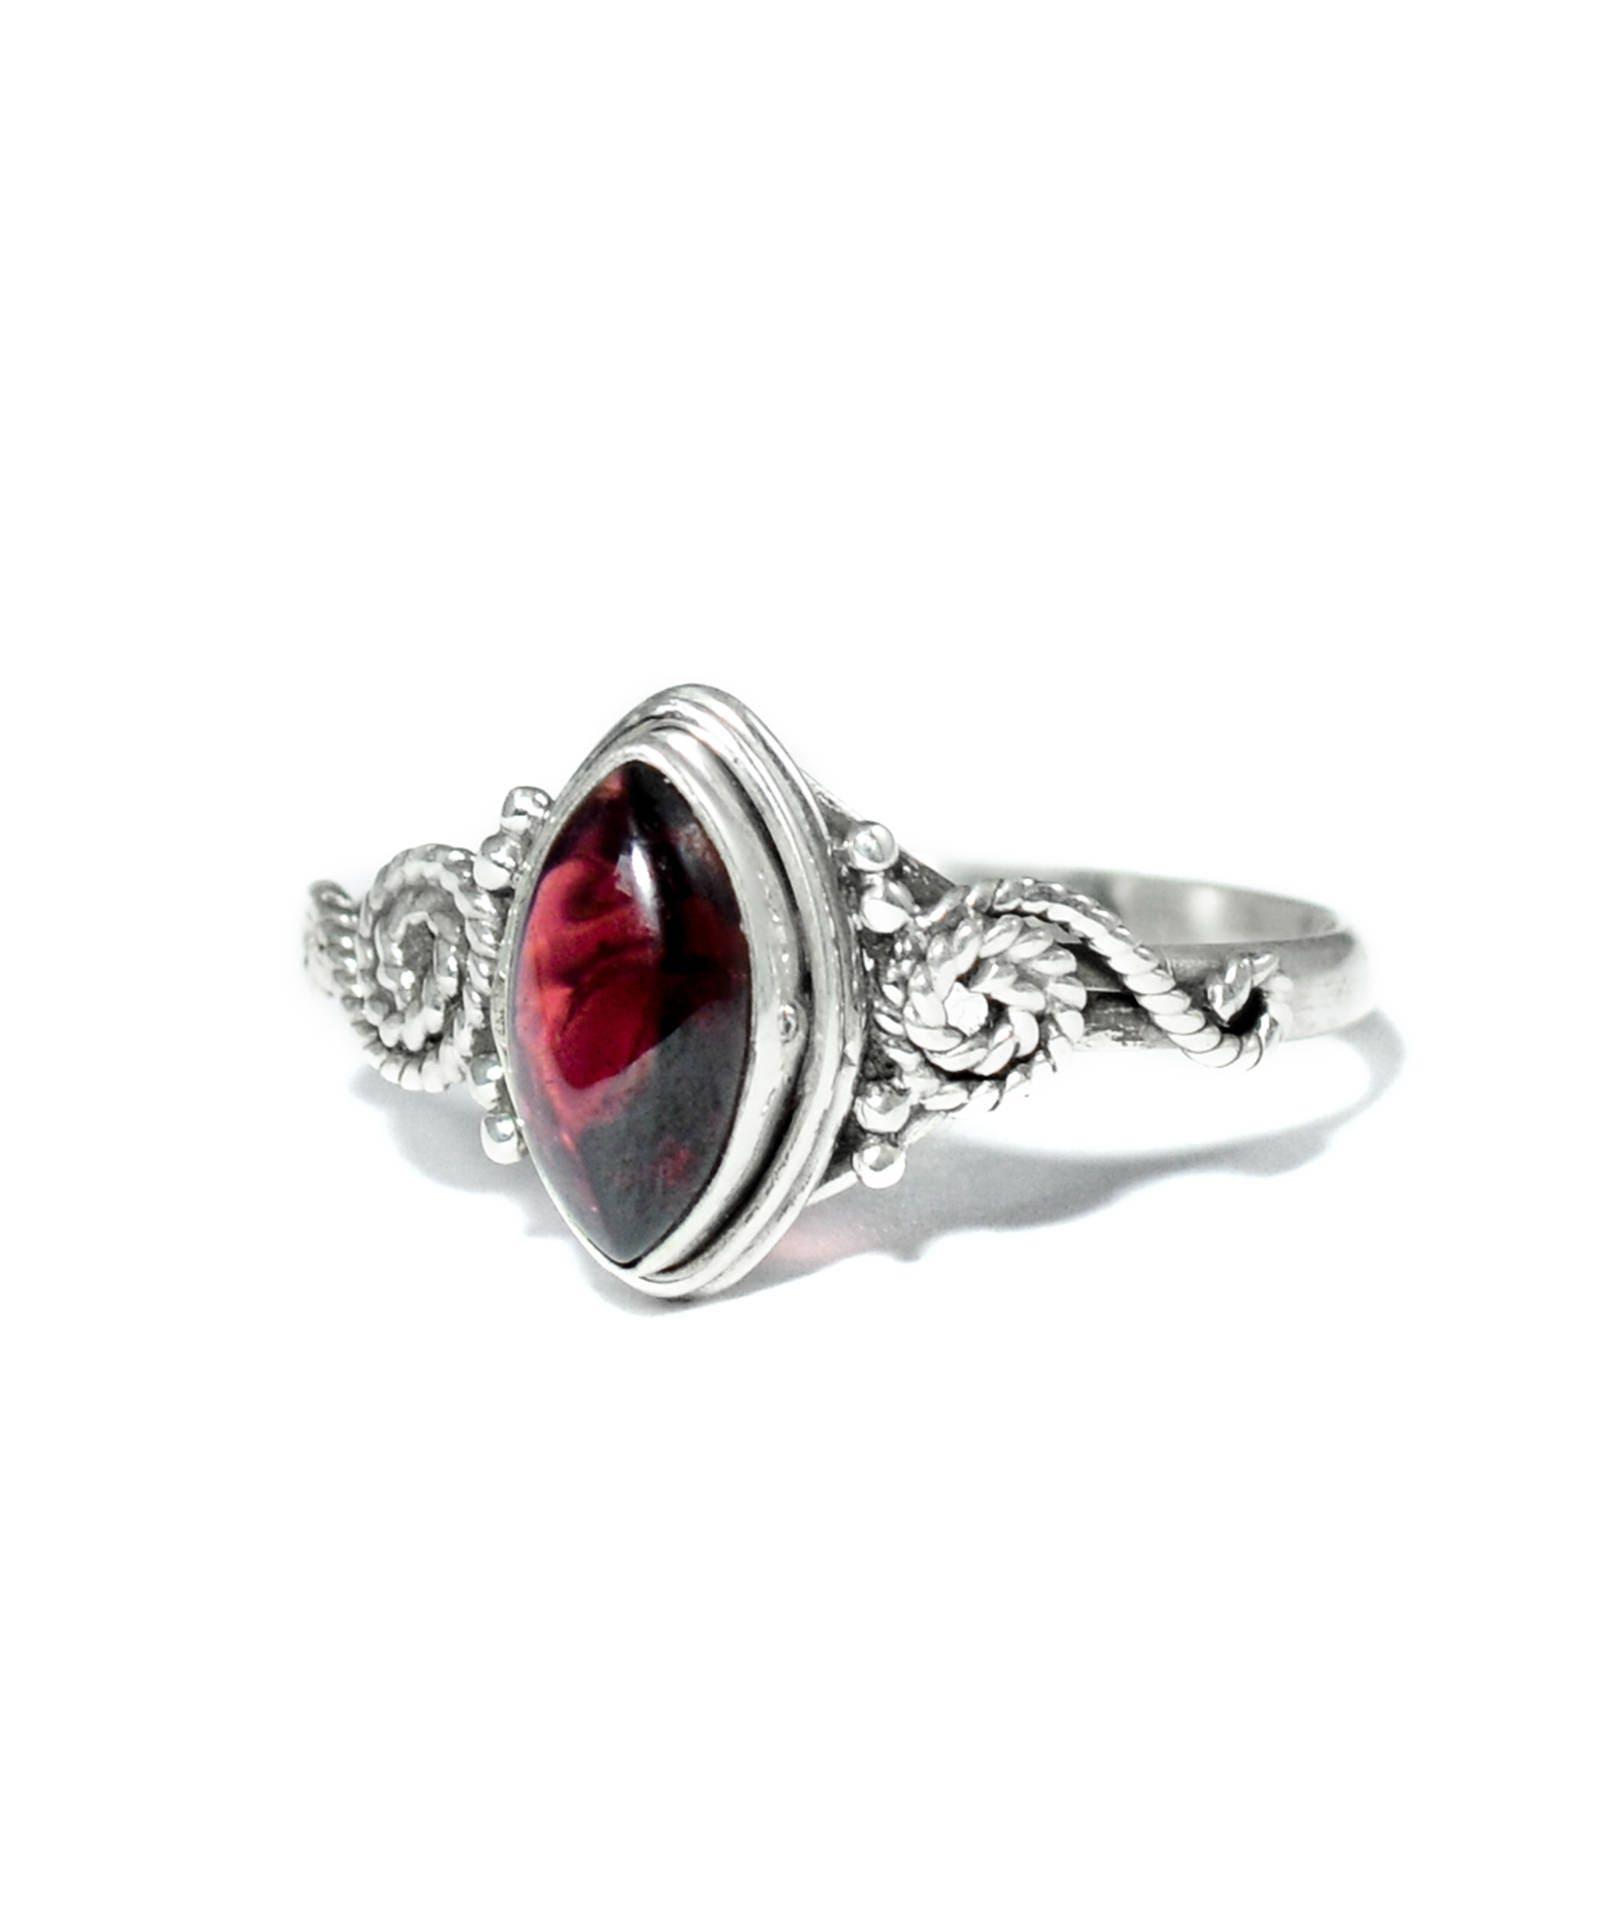 blood red garnet crystal sterling silver ring 925 healing. Black Bedroom Furniture Sets. Home Design Ideas